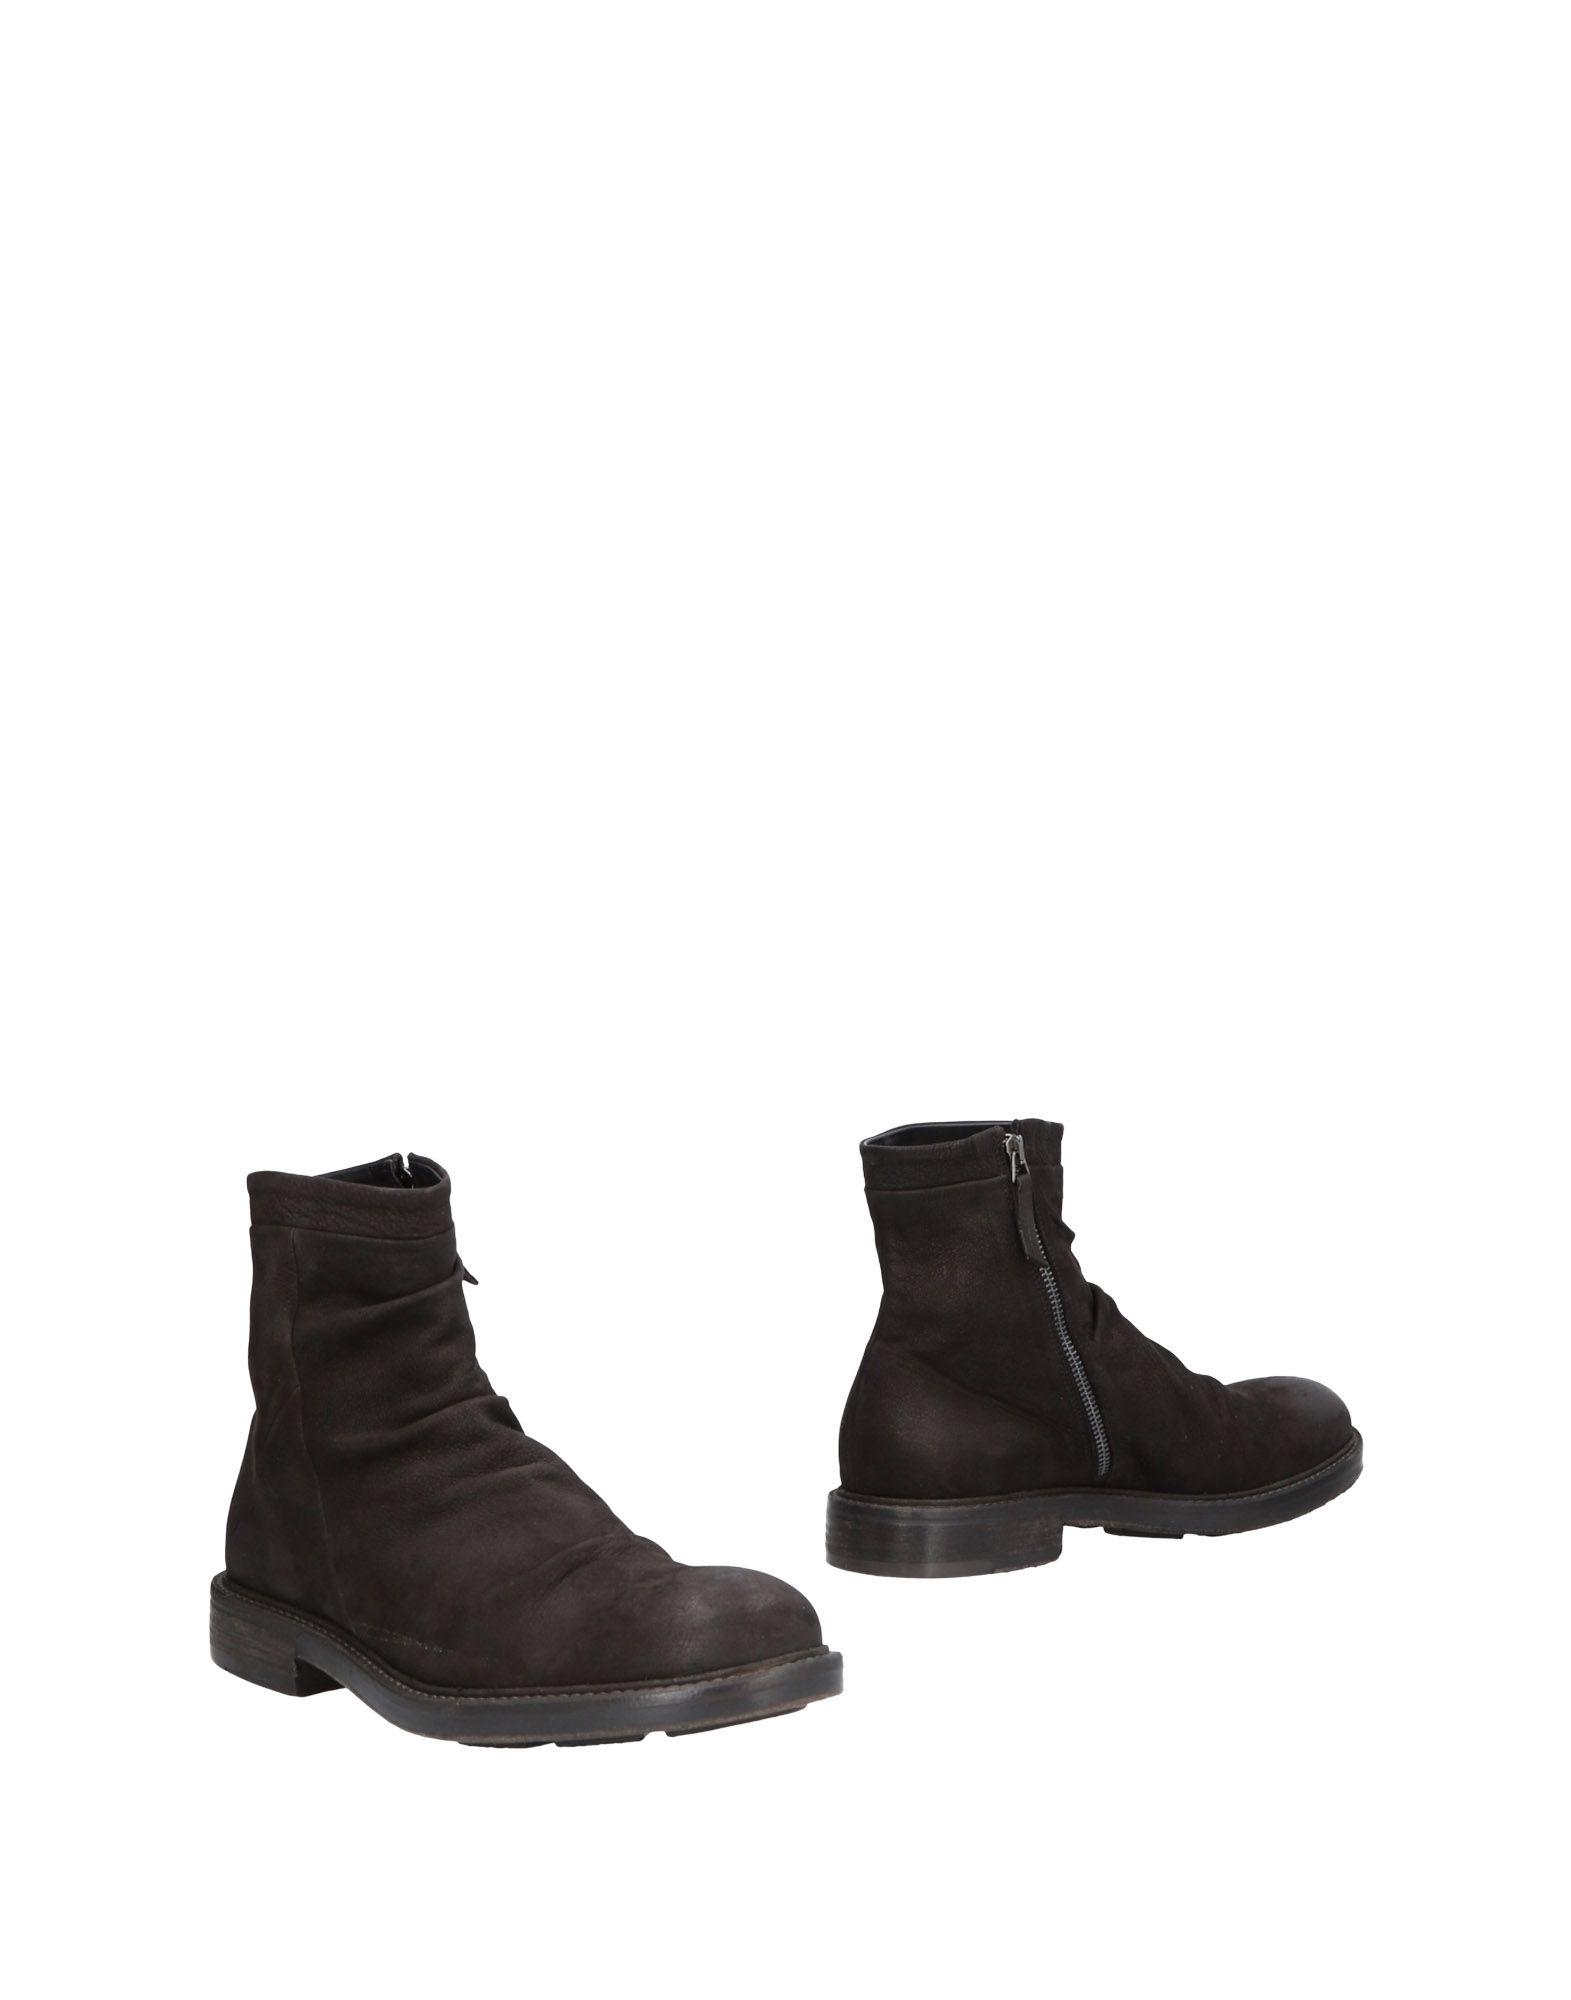 Ernesto Dolani Stiefelette Herren  11470955HW Gute Qualität beliebte Schuhe